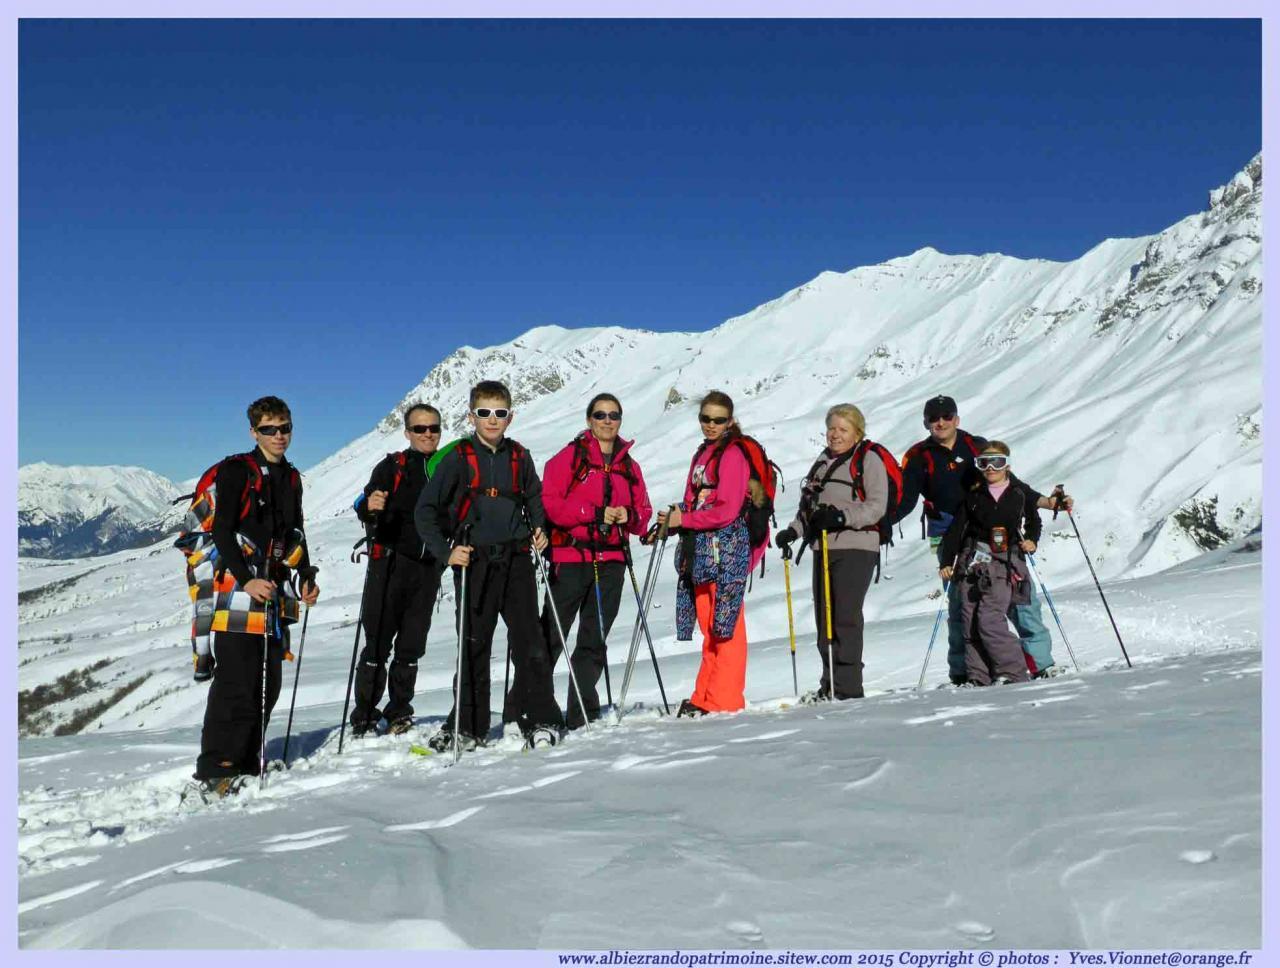 La Fondue au chalet d'alpage, rando raquette de 13h00 à 22h00